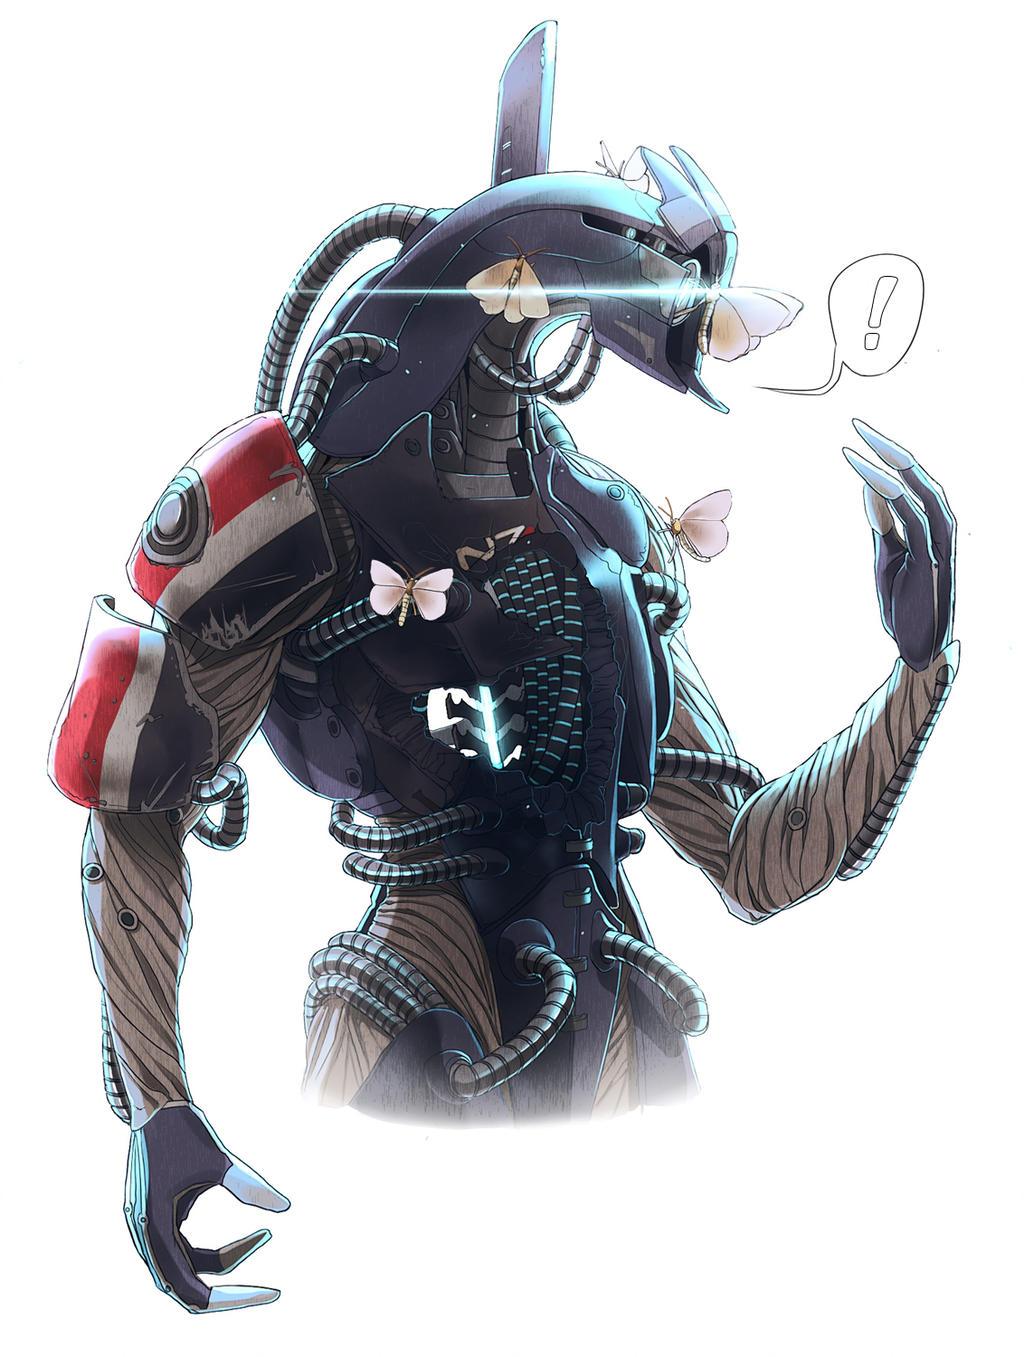 Игровой-арт-Игры-Legion-ME-персонажи-5193274.jpeg - Mass Effect 3